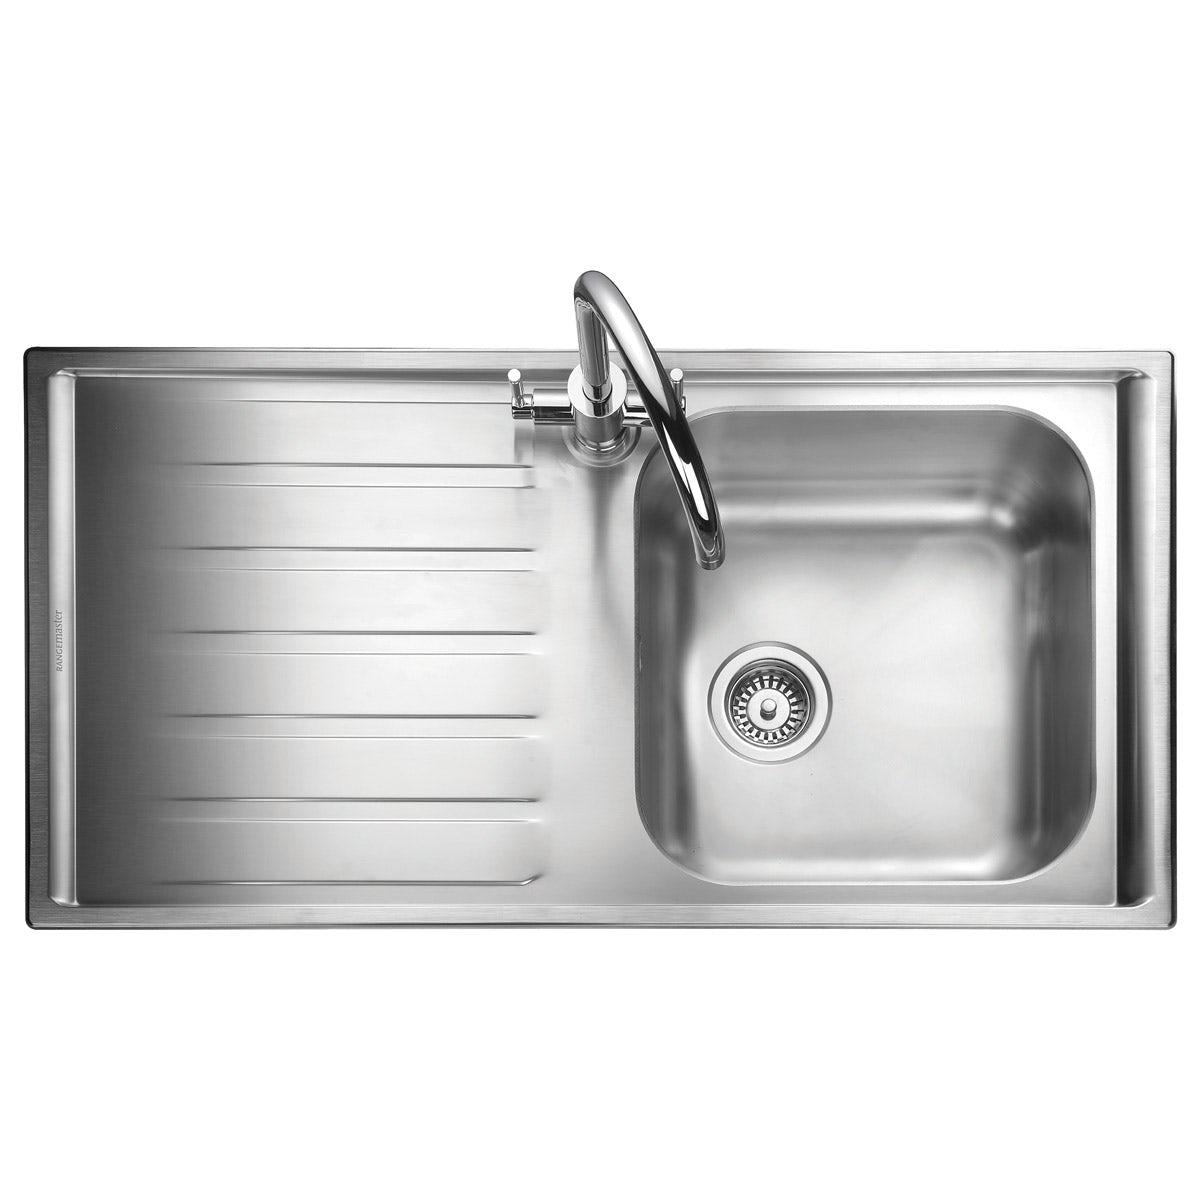 Rangemaster Manhattan 1.0 bowl left handed kitchen sink with waste kit